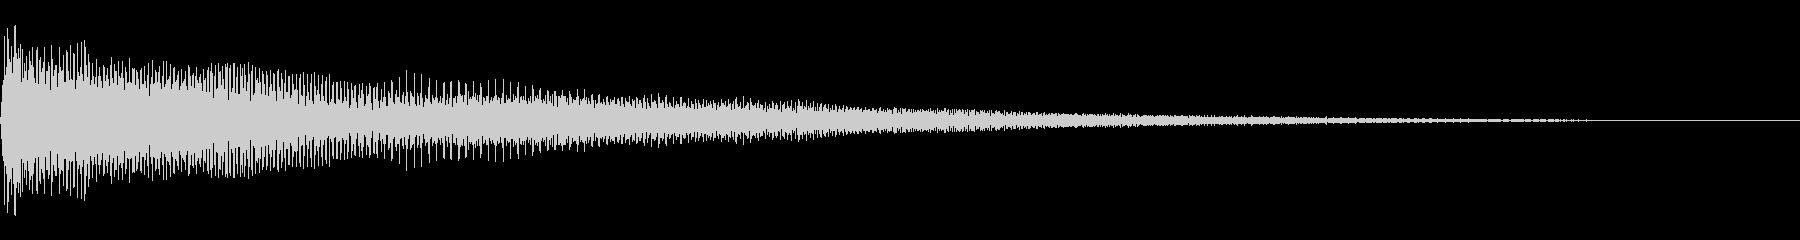 [生録音]グランドハープ-04-F1の未再生の波形